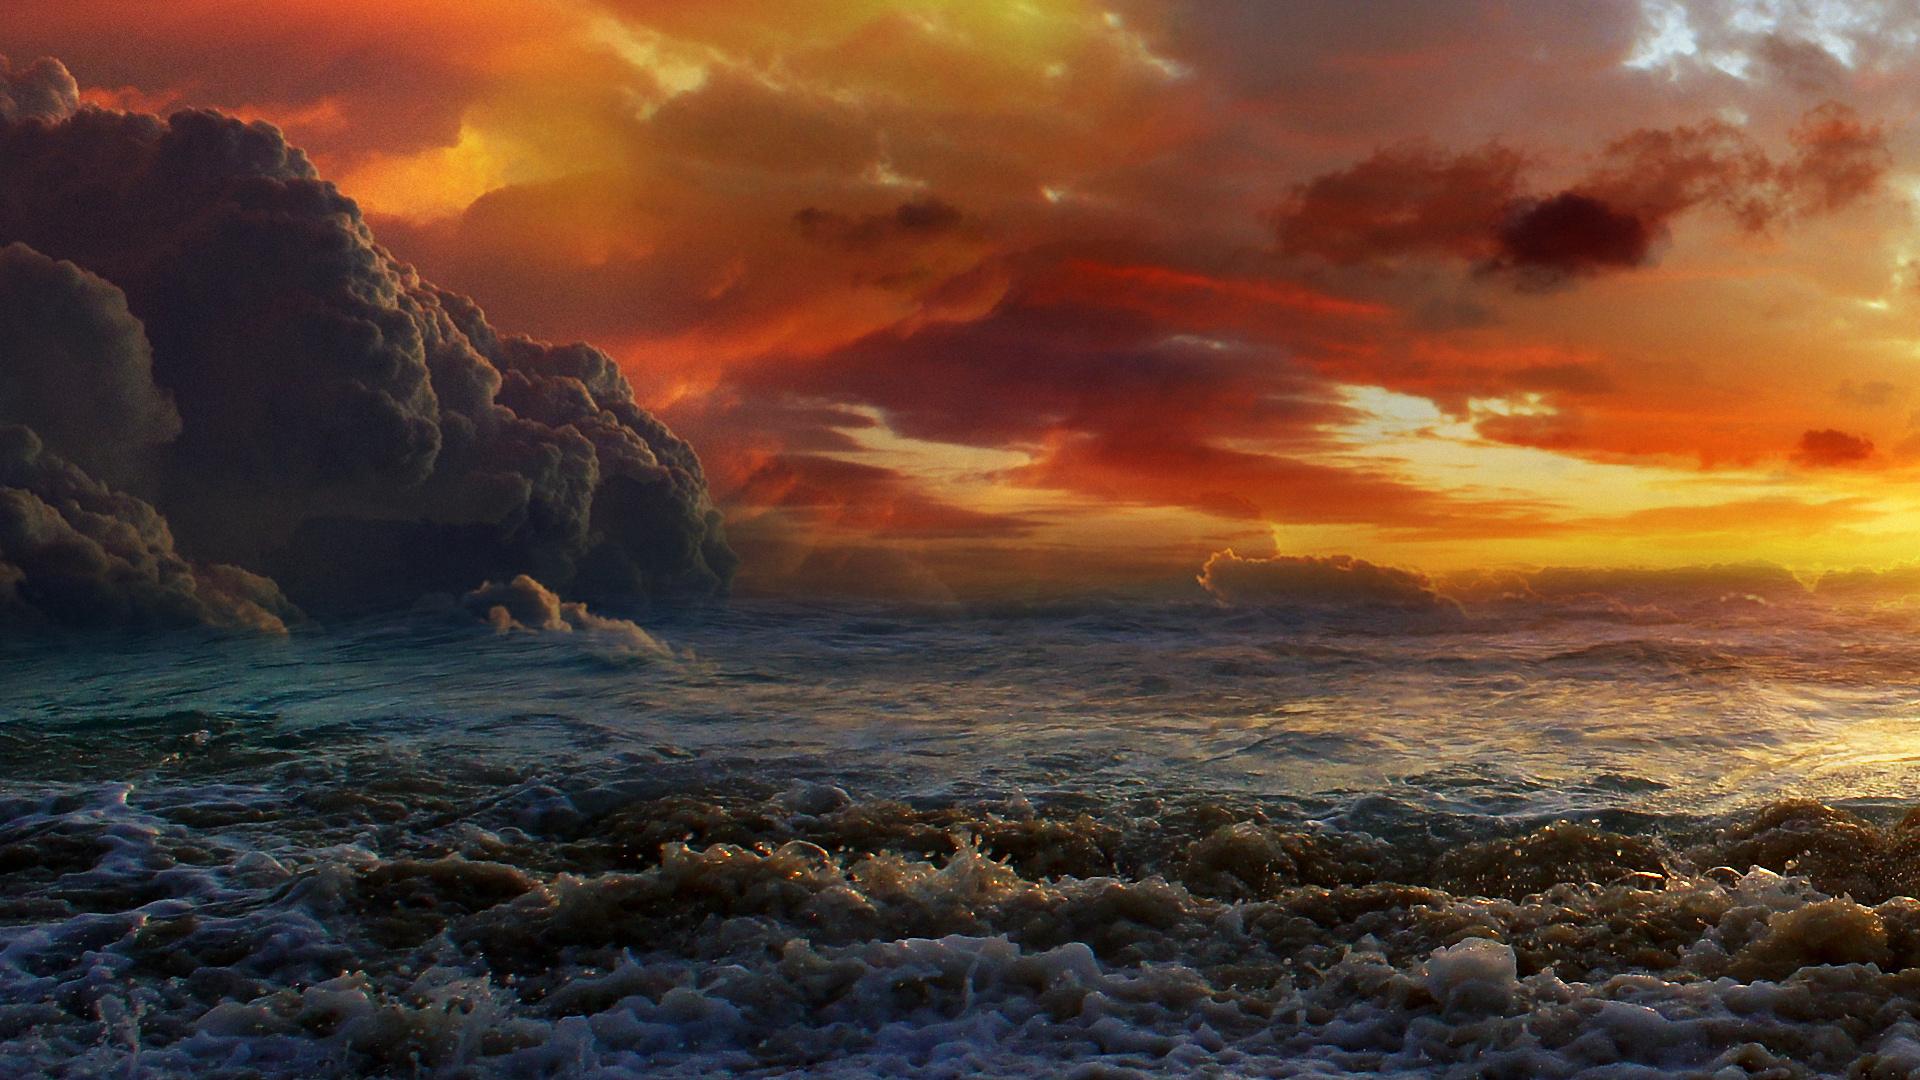 море перед бурей  № 3112495 загрузить